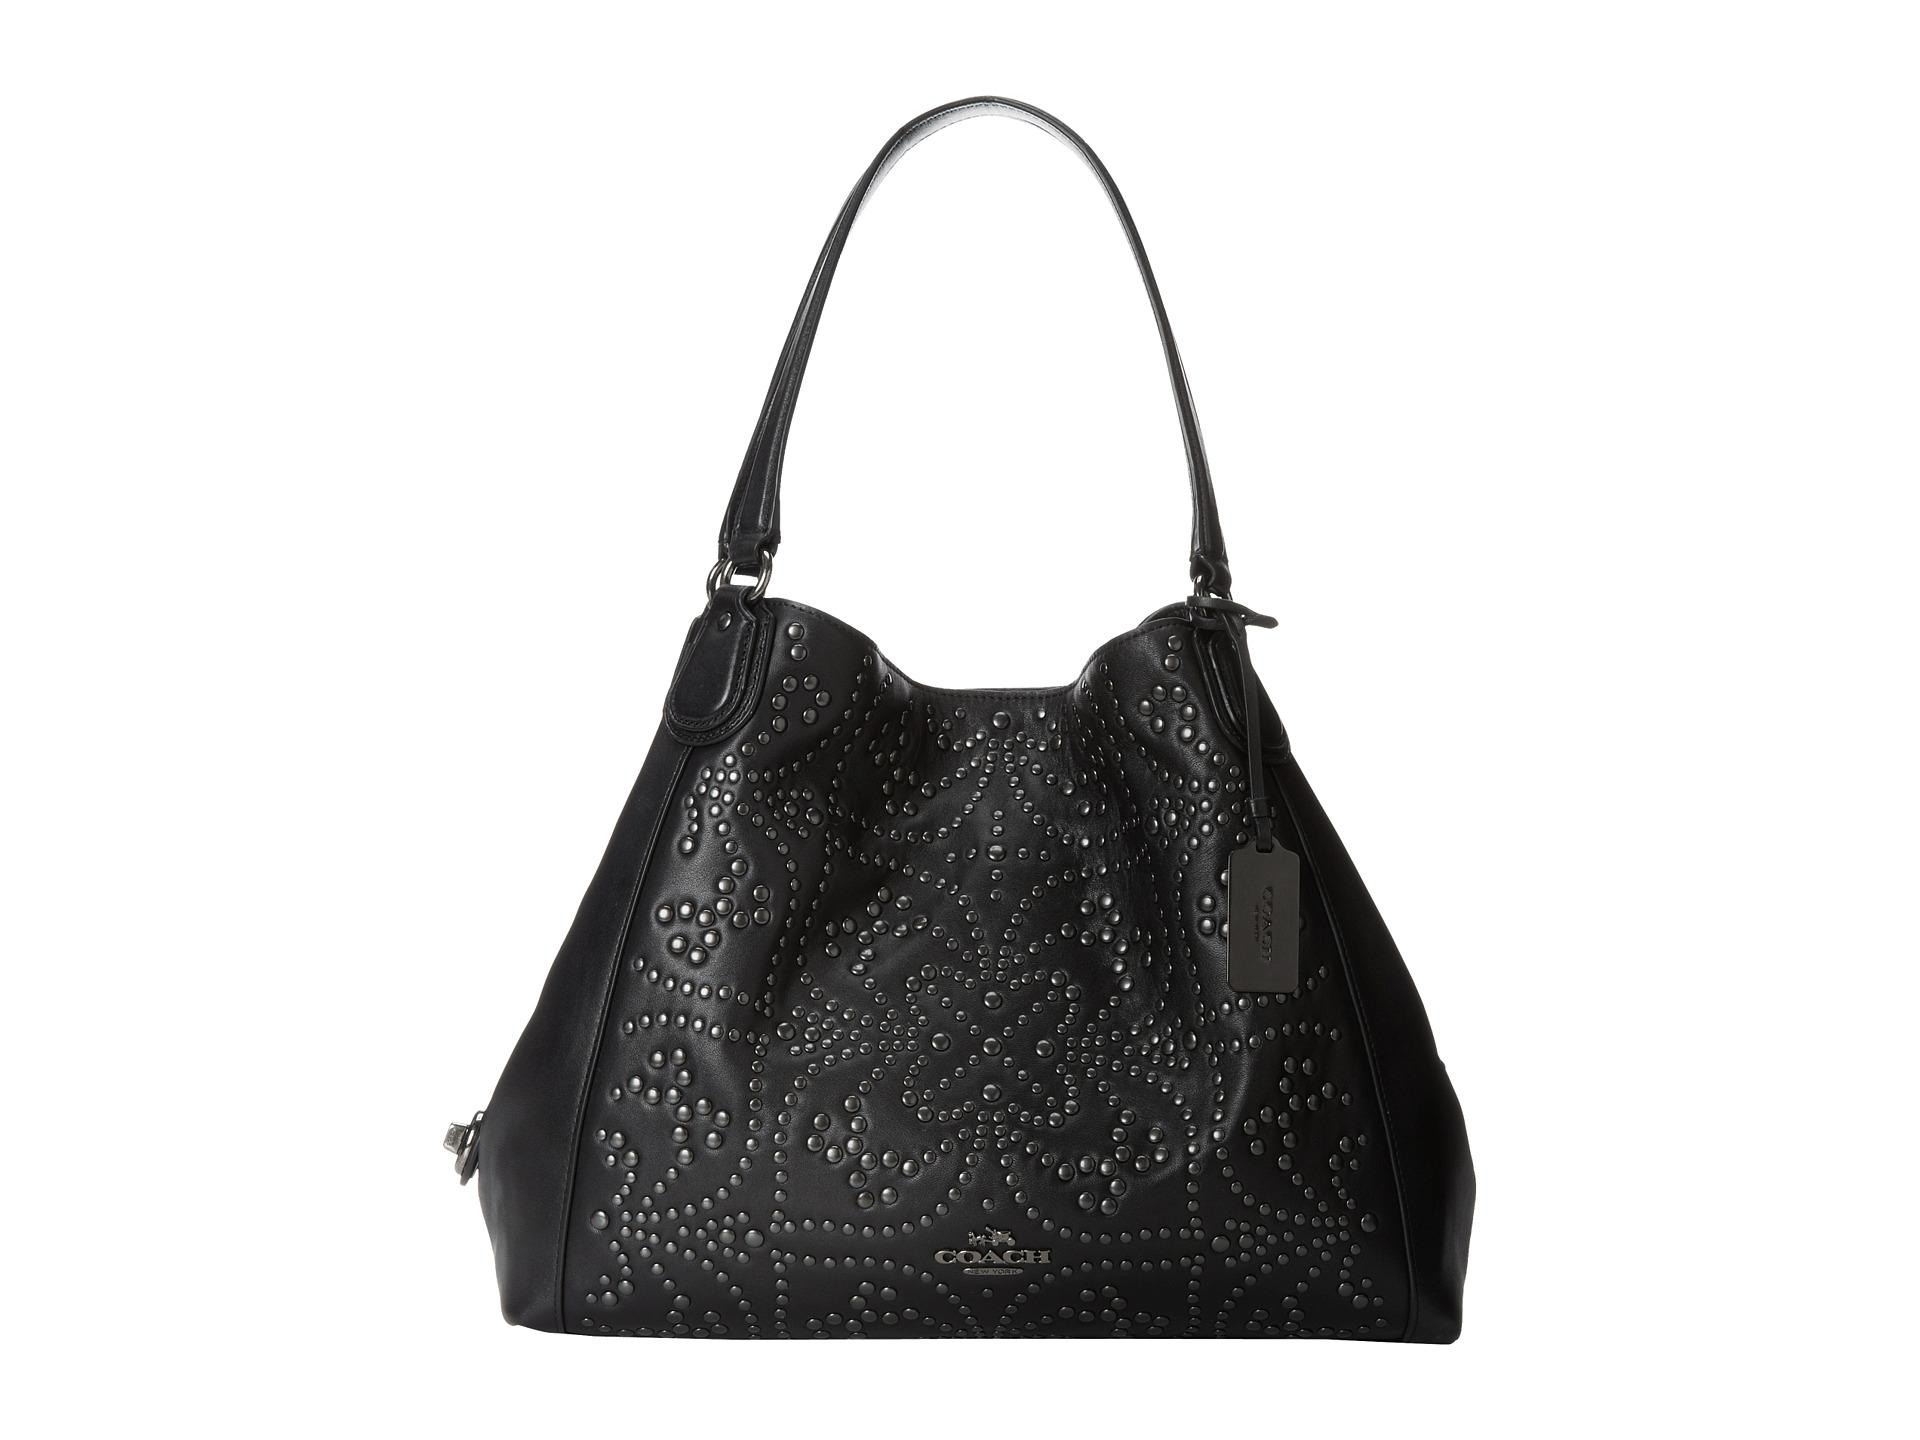 839ddaaec8e0 Lyst - COACH Mini Stud Edie Shoulder Bag in Black